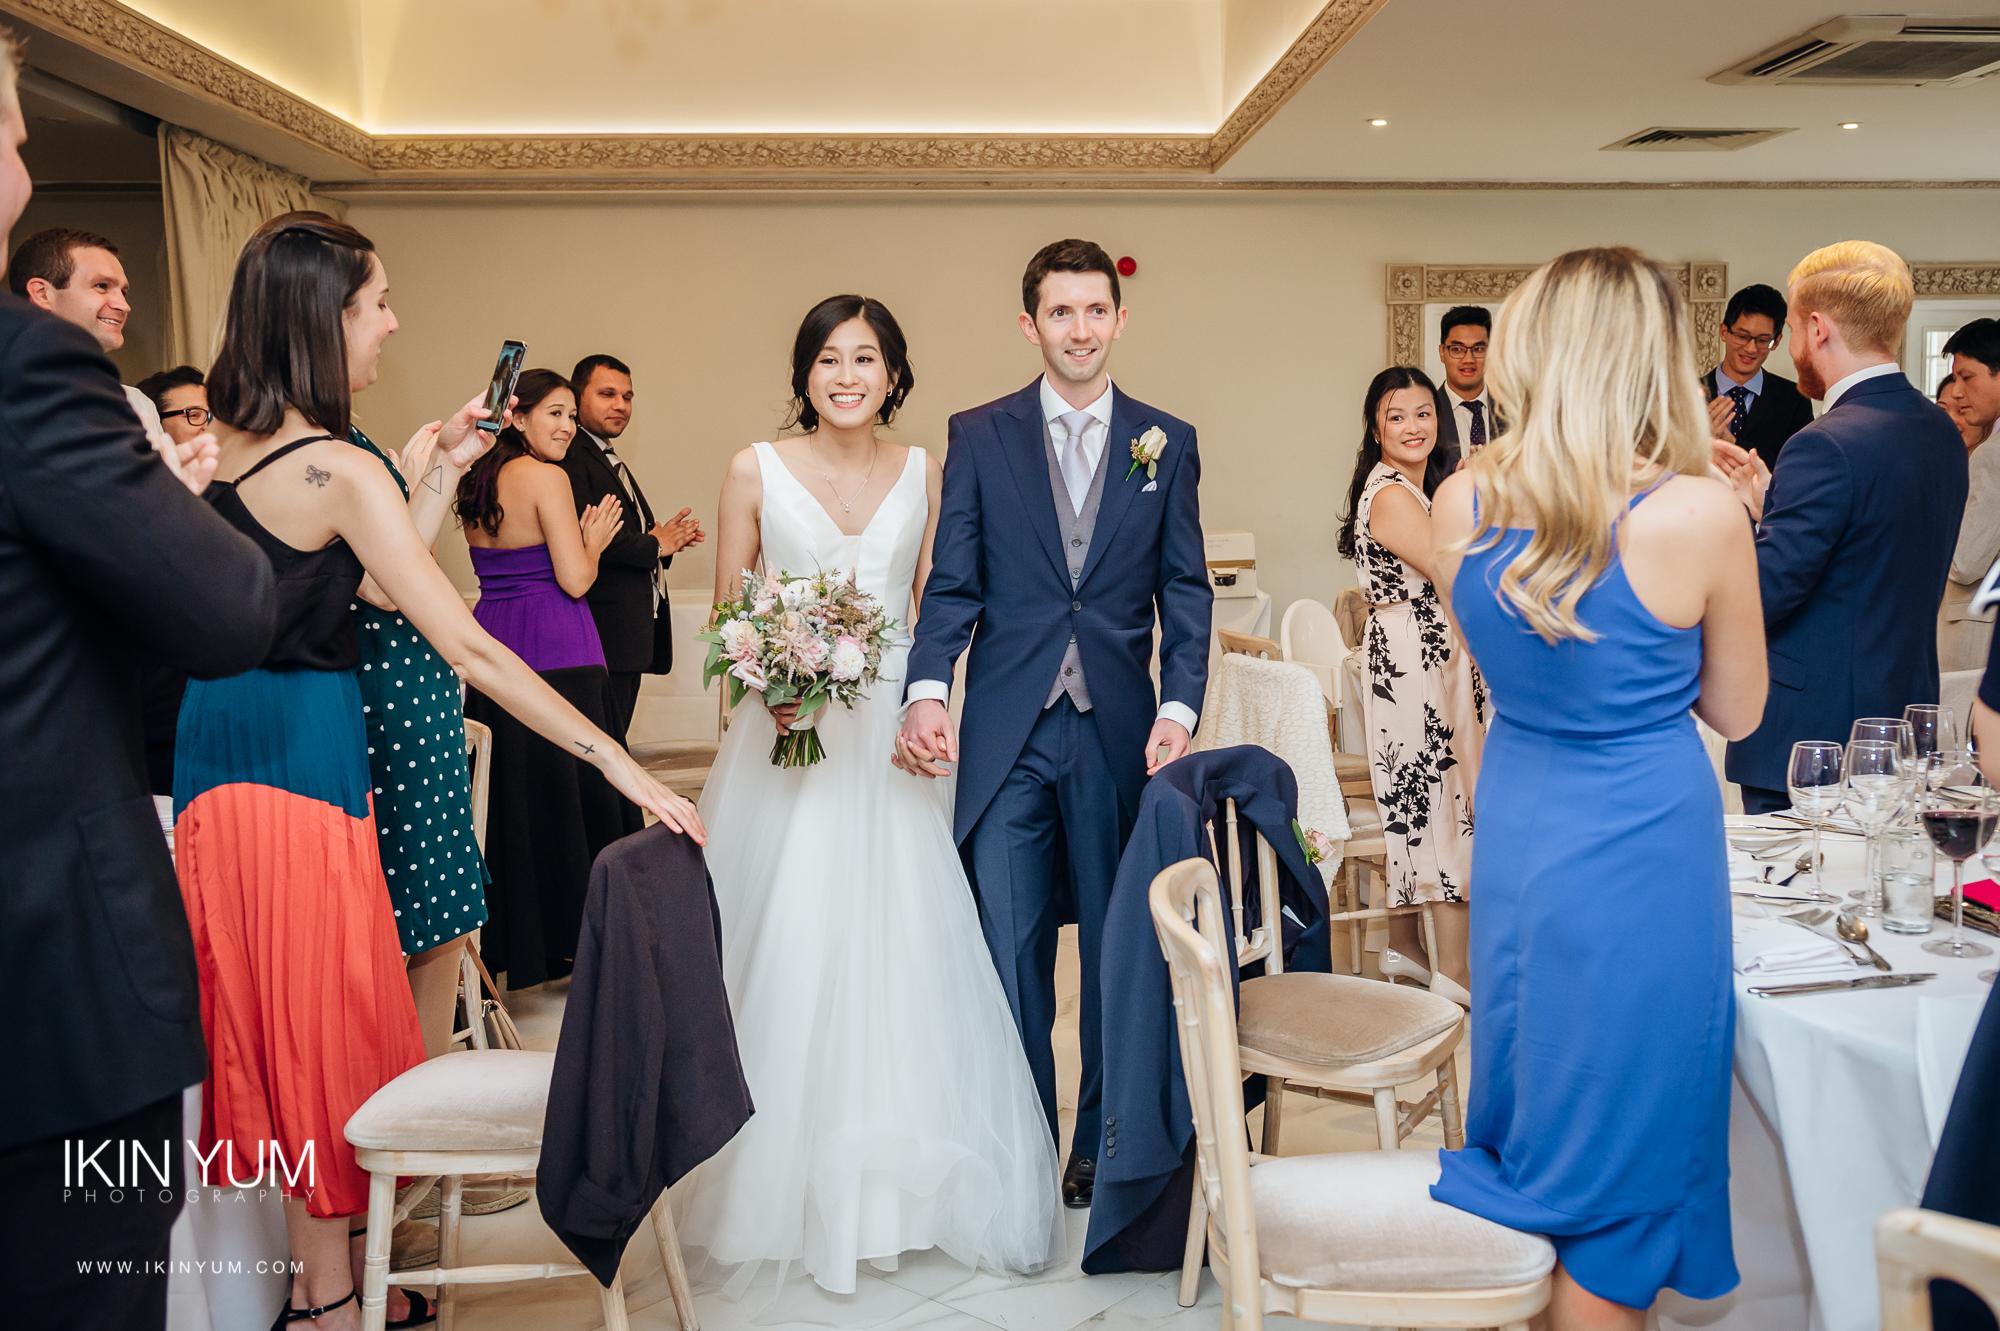 Nicola & Jonny Wedding Day - Ikin Yum Photography-108.jpg